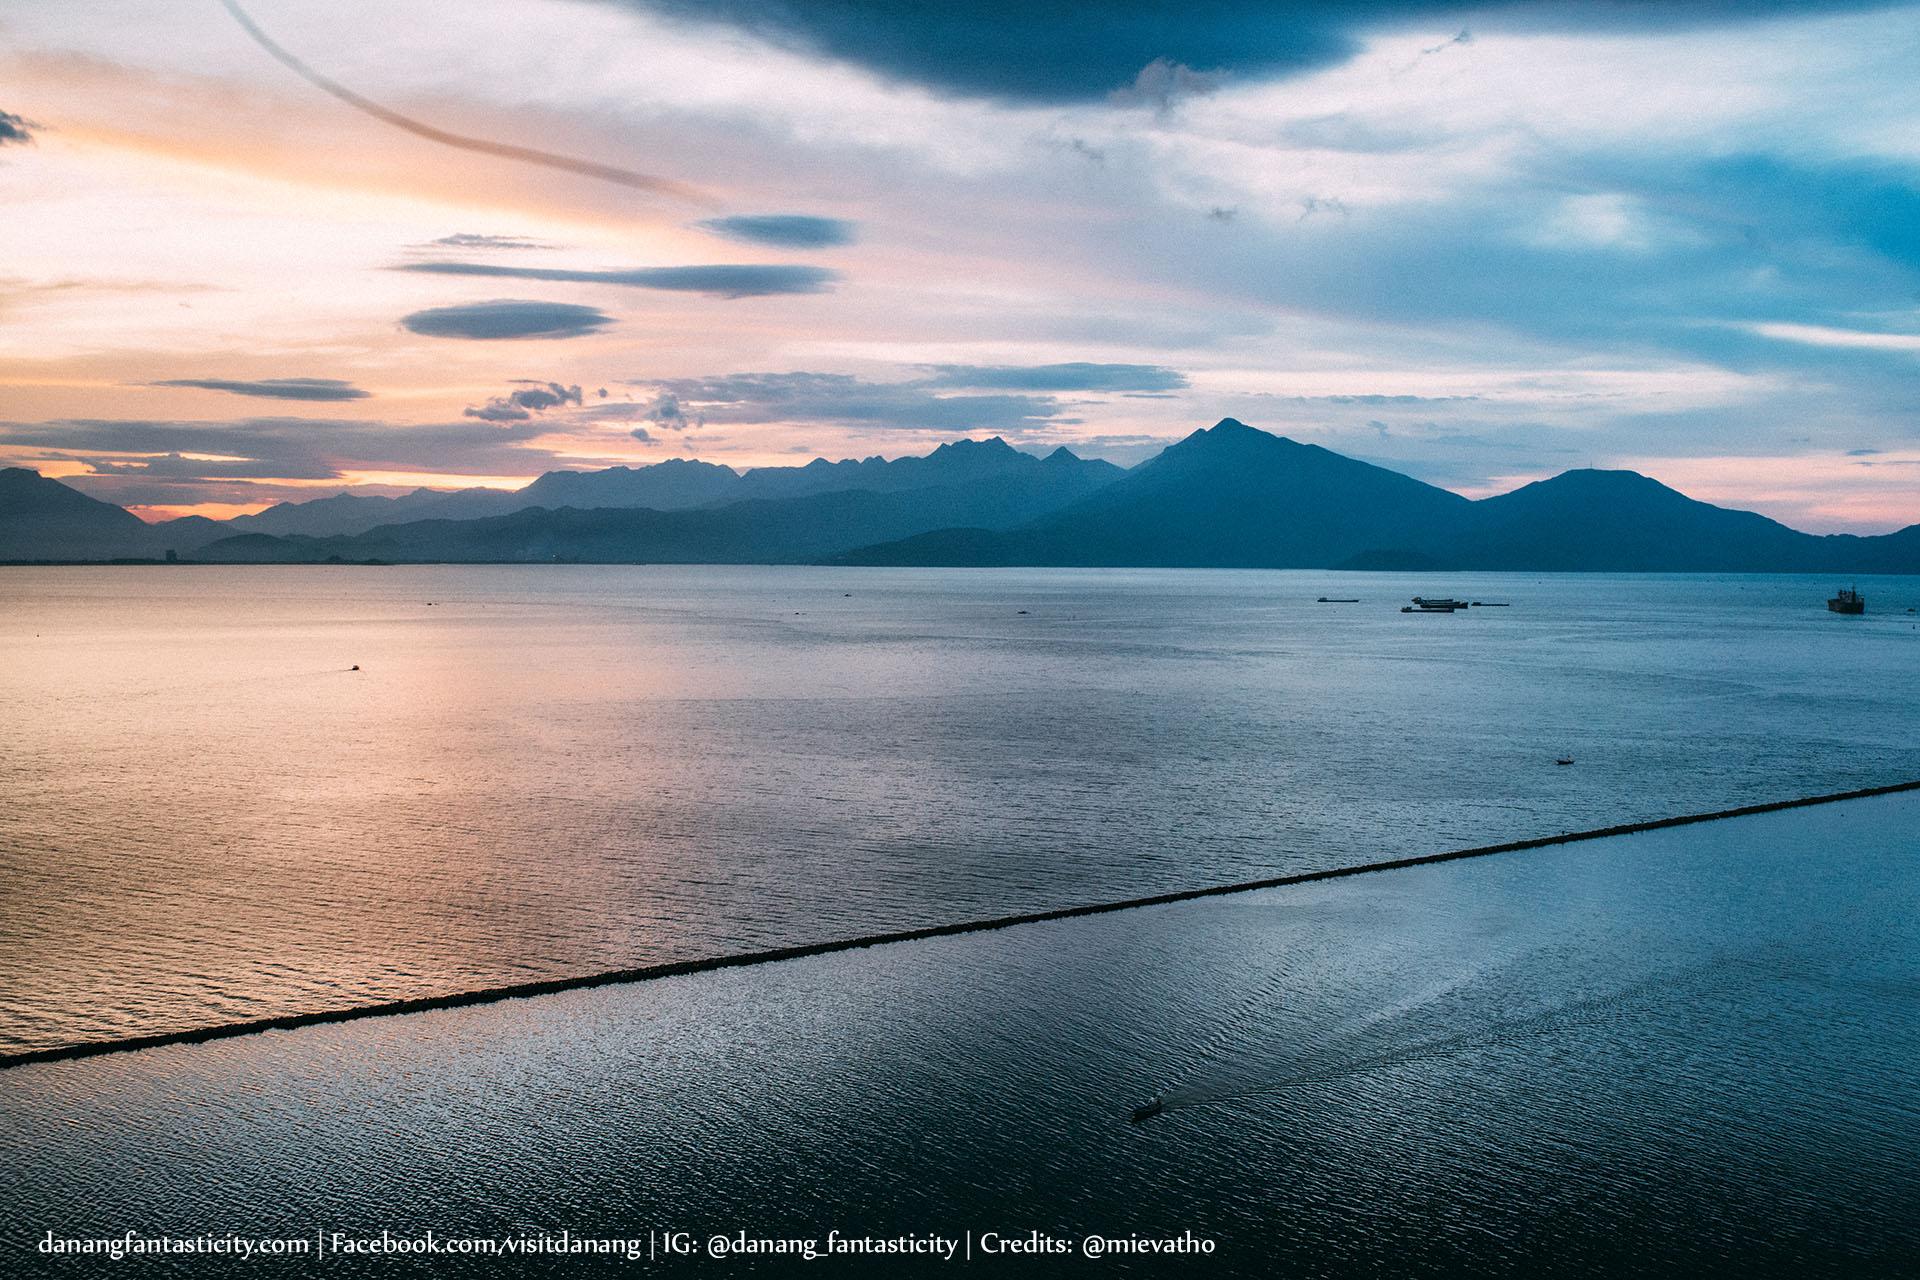 Da Nang Hoi An Anh Cho Minh Tren Chiec Xe Giac Mo Mievatho Danang Fantasticity Com Chan Cau Thuan Phuoc Danang Golden Bay 02